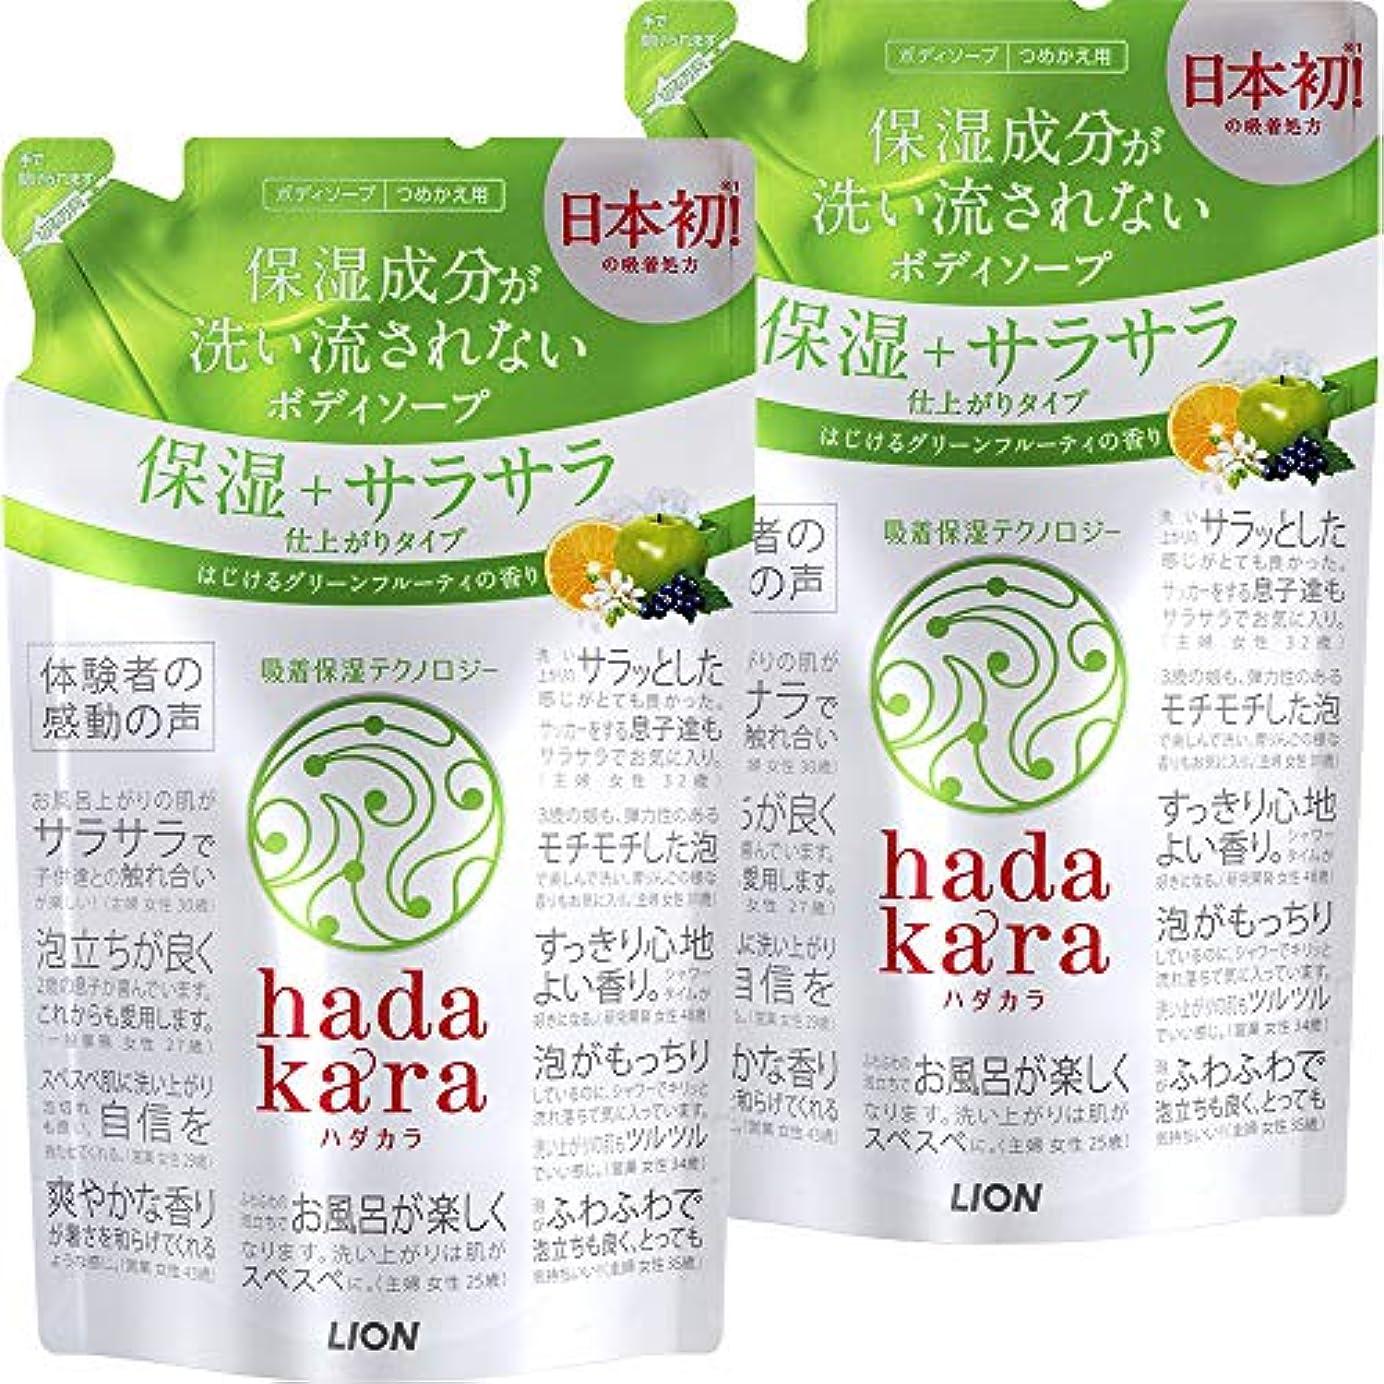 対処権威柔らかさ【まとめ買い】hadakara(ハダカラ) ボディソープ 保湿+サラサラ仕上がりタイプ グリーンフルーティの香り 詰め替え 340ml×2個パック